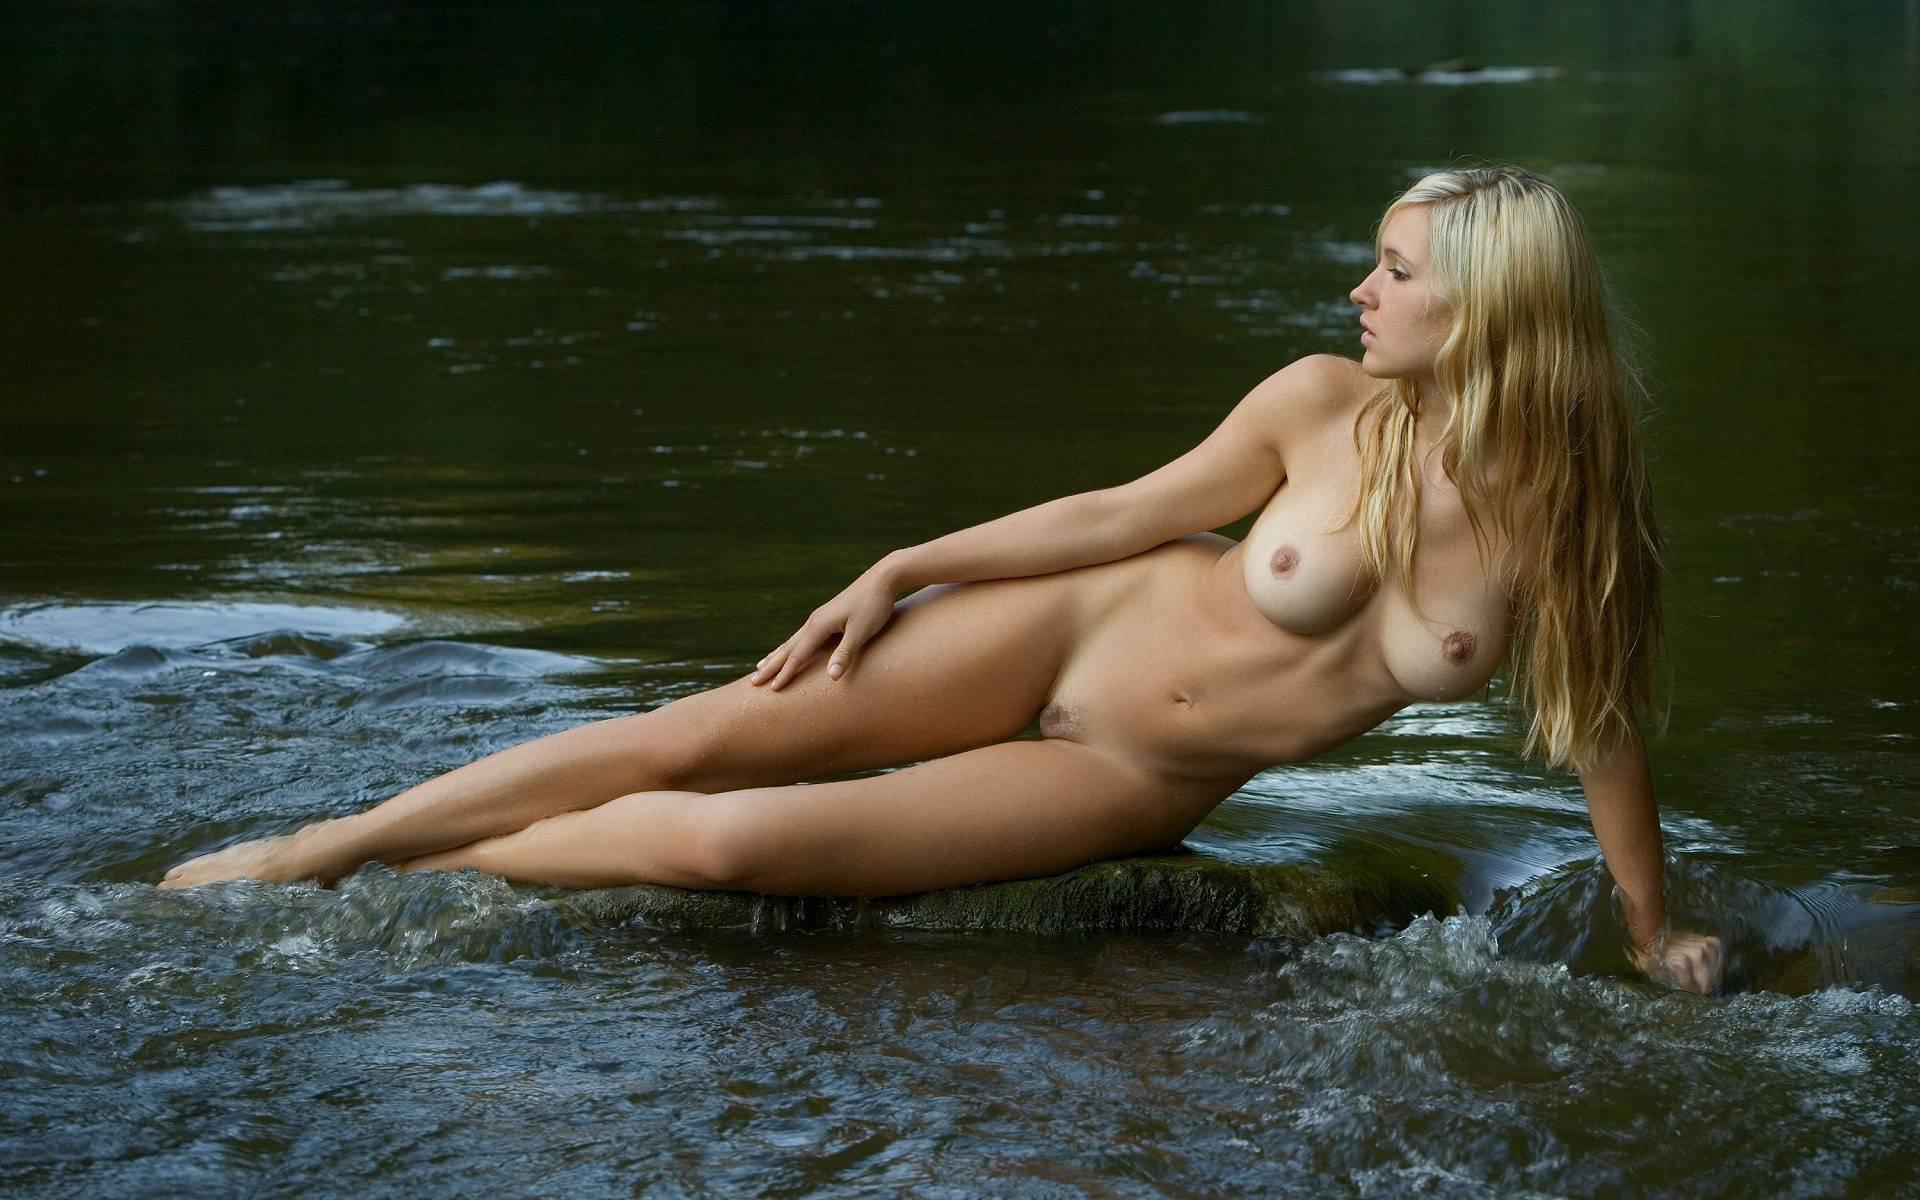 三次元 3次元 エロ画像 大自然 ヌード 裸 べっぴん娘通信 001